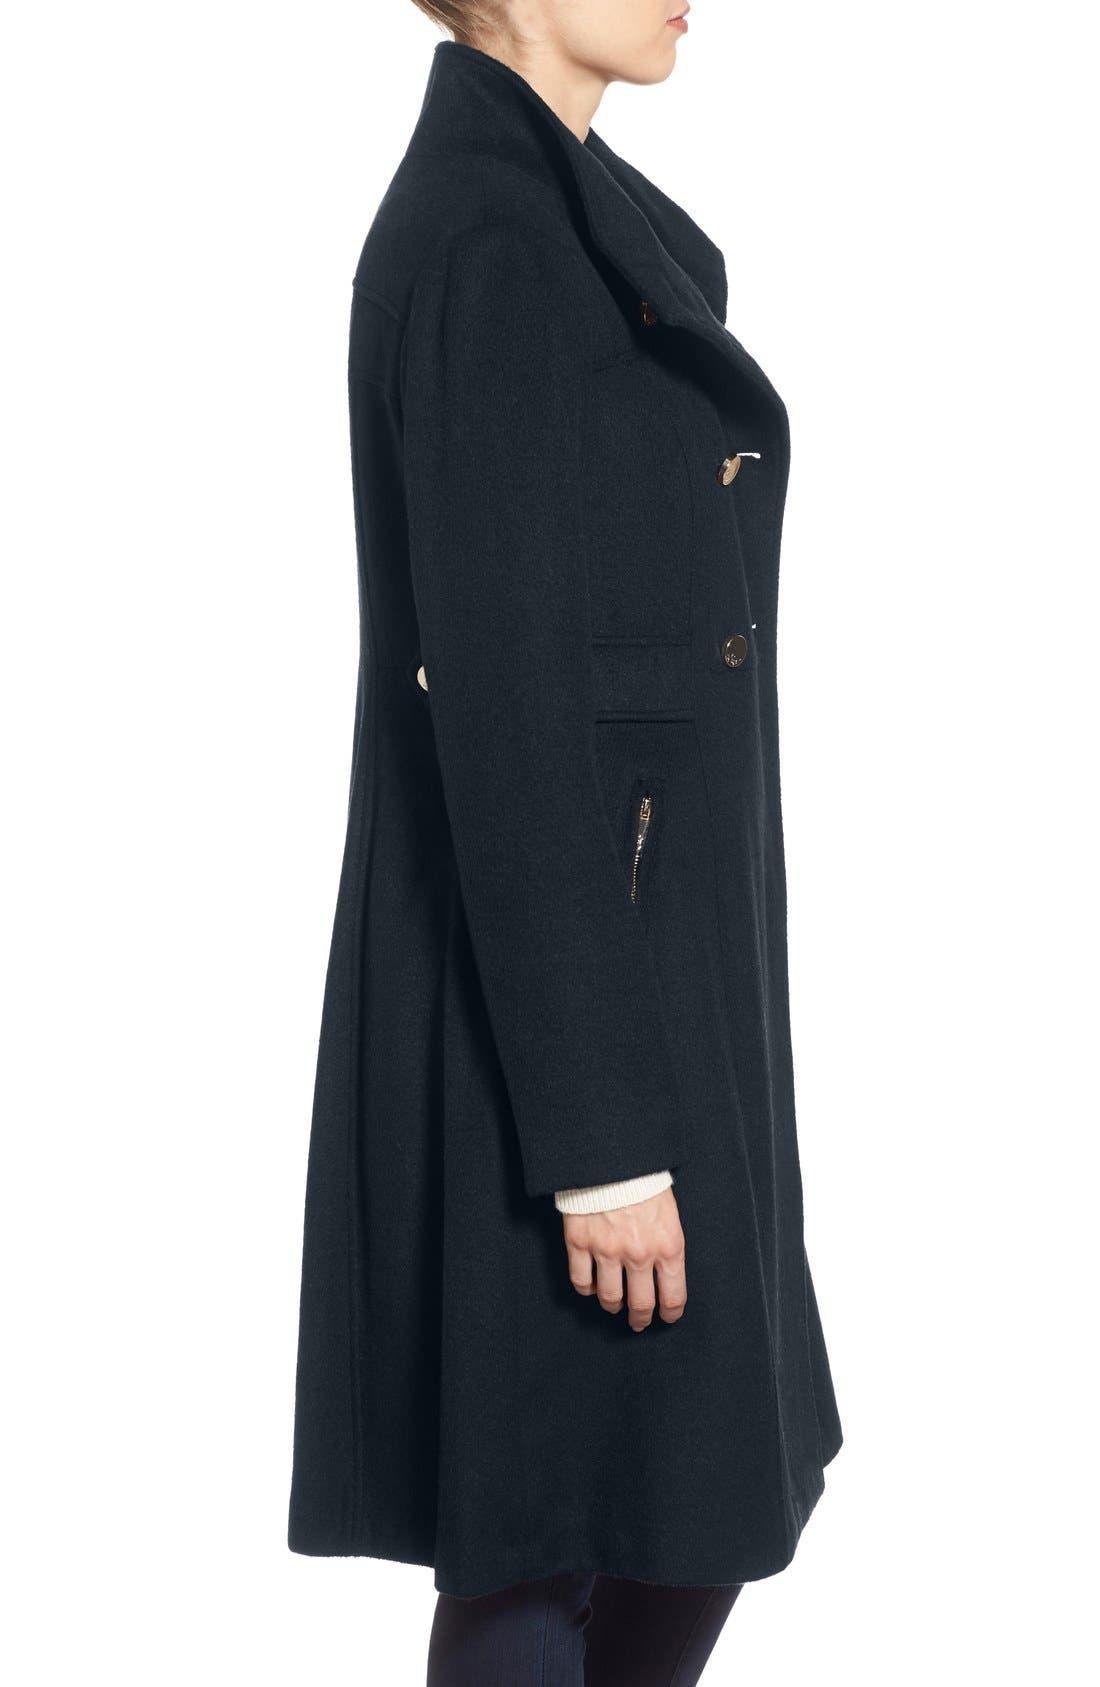 Alternate Image 3  - Eliza J Wool Blend Long Military Coat (Regular & Petite)